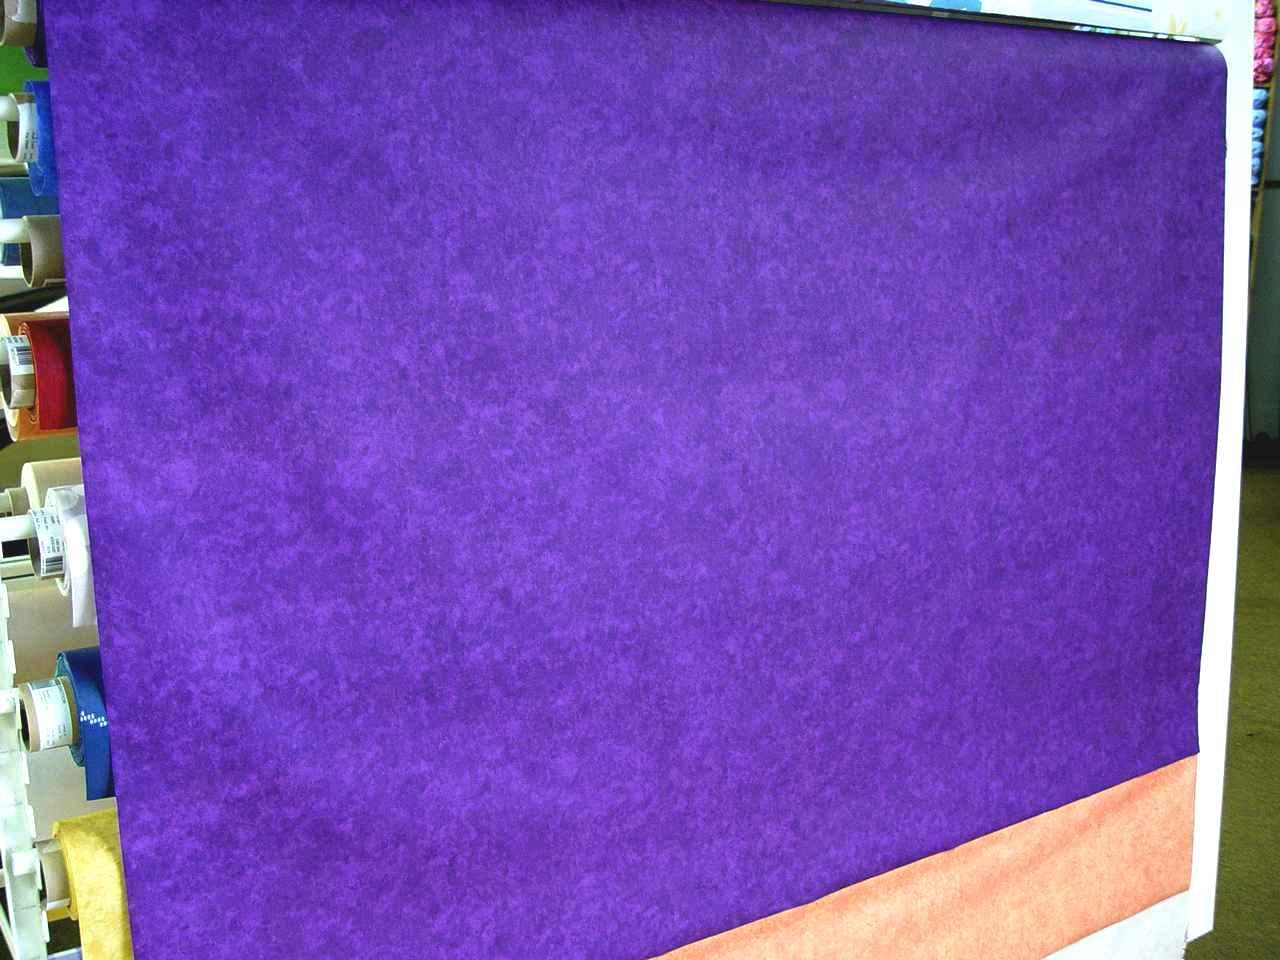 baumwolle tischdecke abwaschbar meterware eckig rund oval pflaume lila ab 2 m ebay. Black Bedroom Furniture Sets. Home Design Ideas